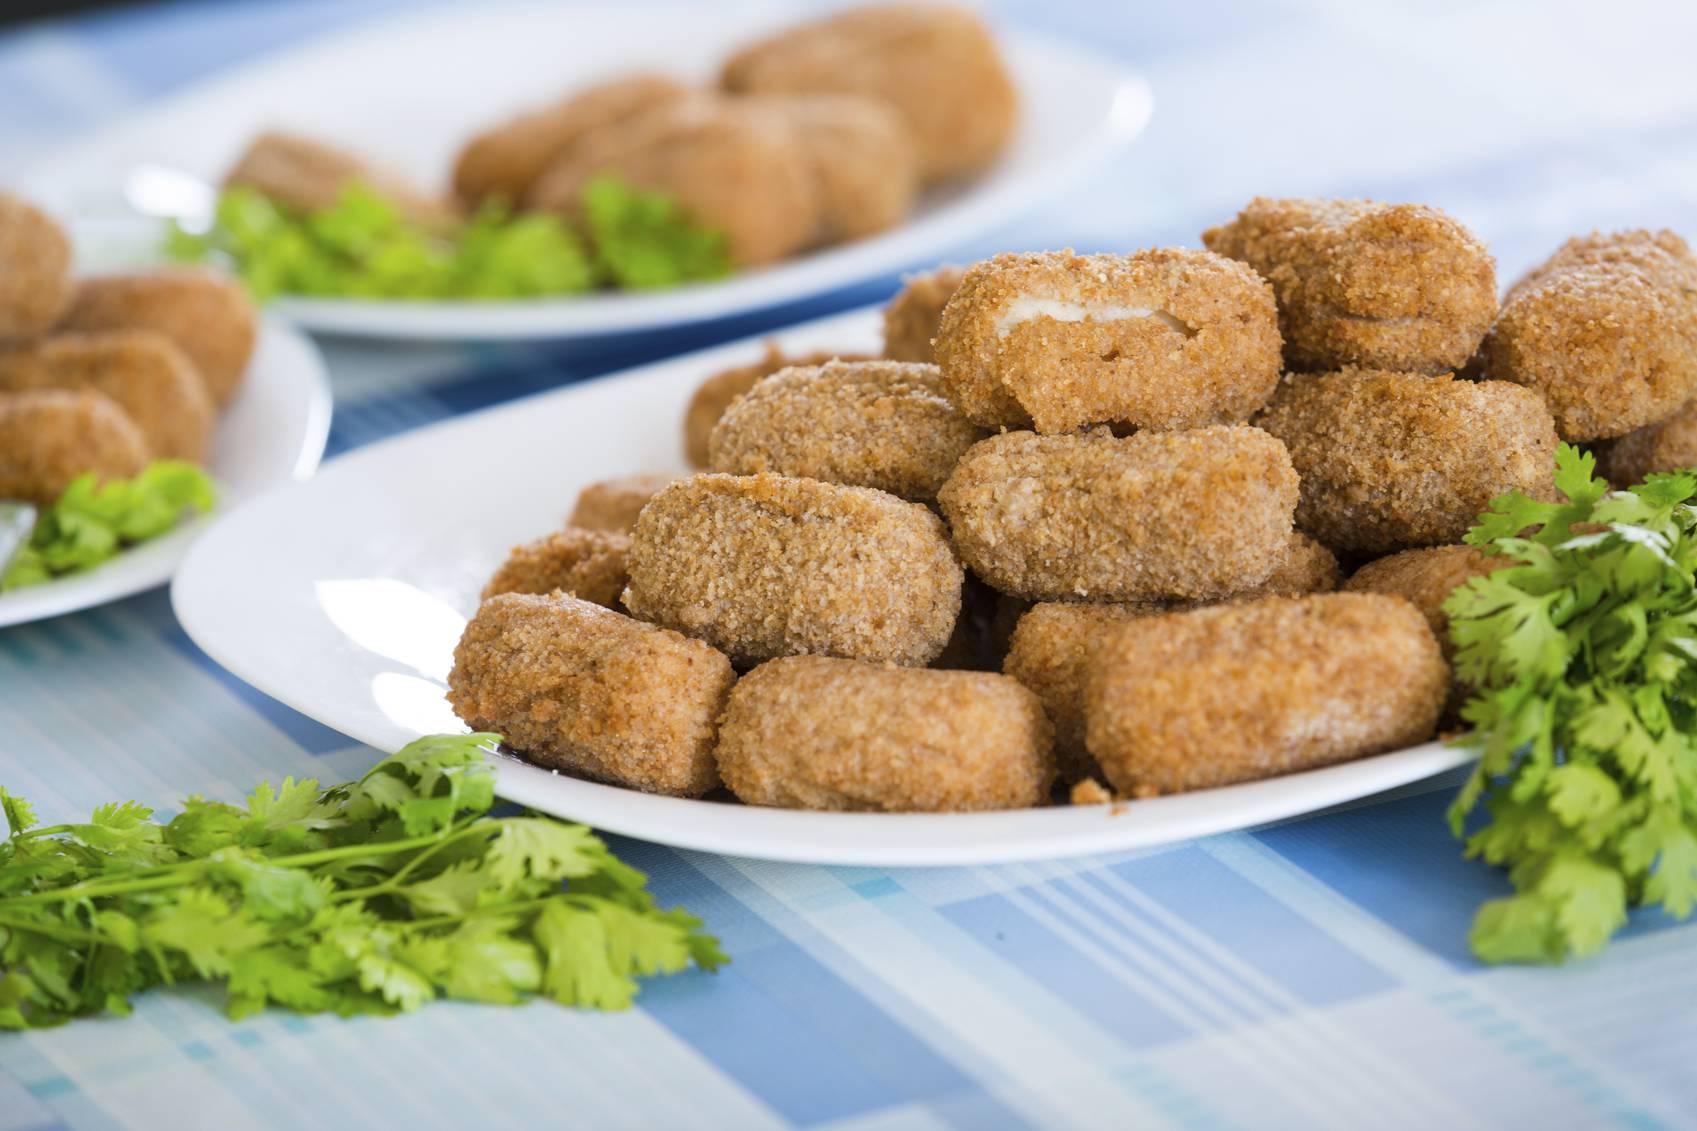 Crocchette al pesto, la ricetta gustosa che accontenterà i vostri piccoli